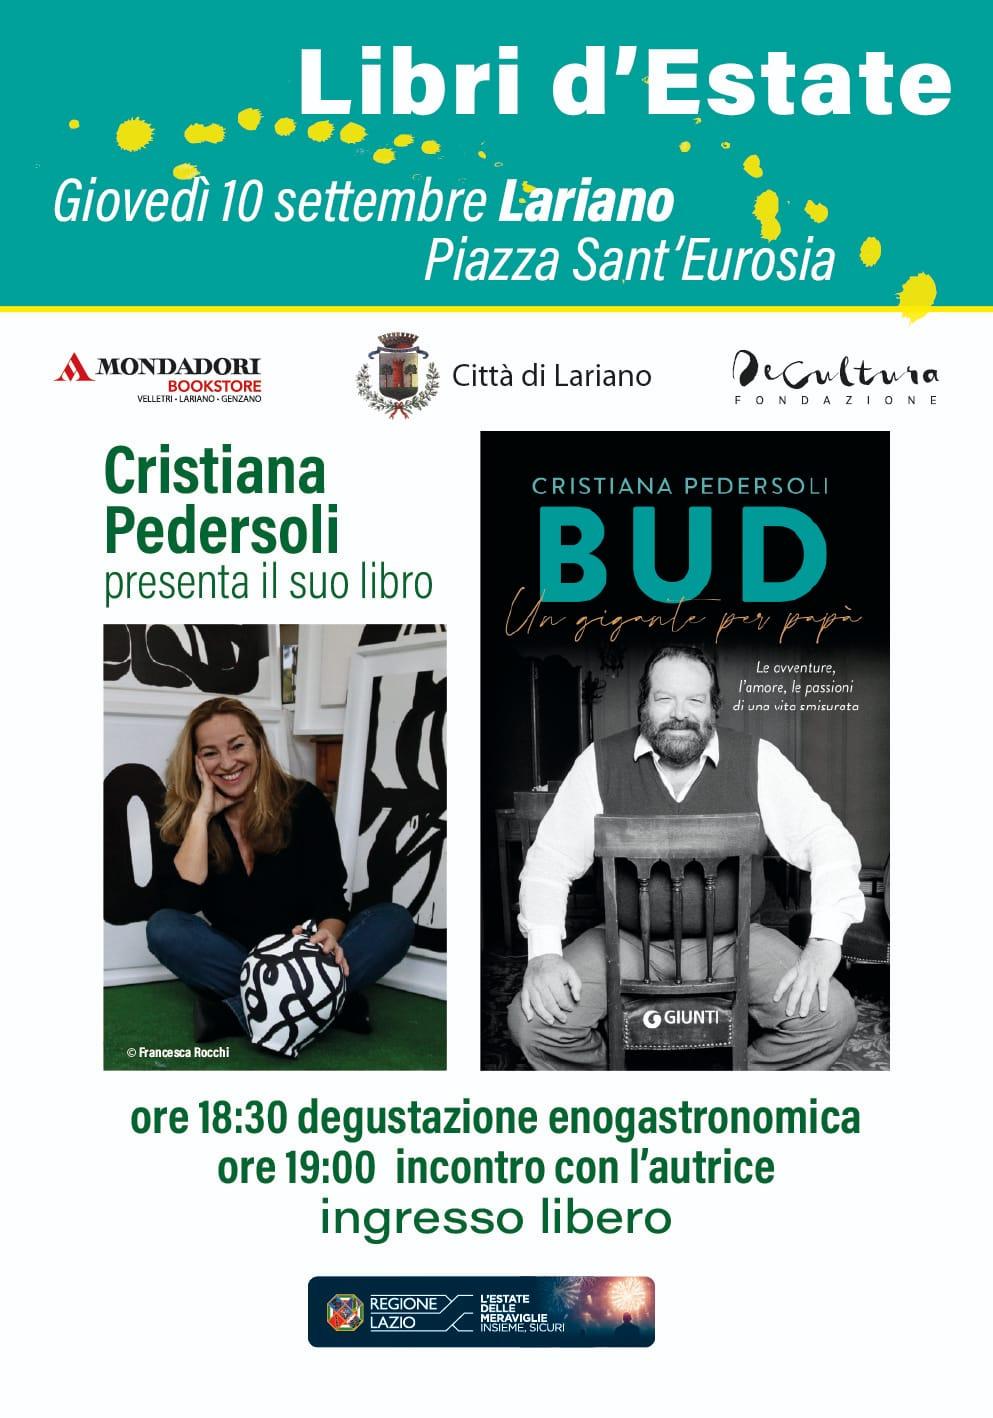 Lariano - Libri d'Estate: Cristiana Pedersoli presenta il suo libro